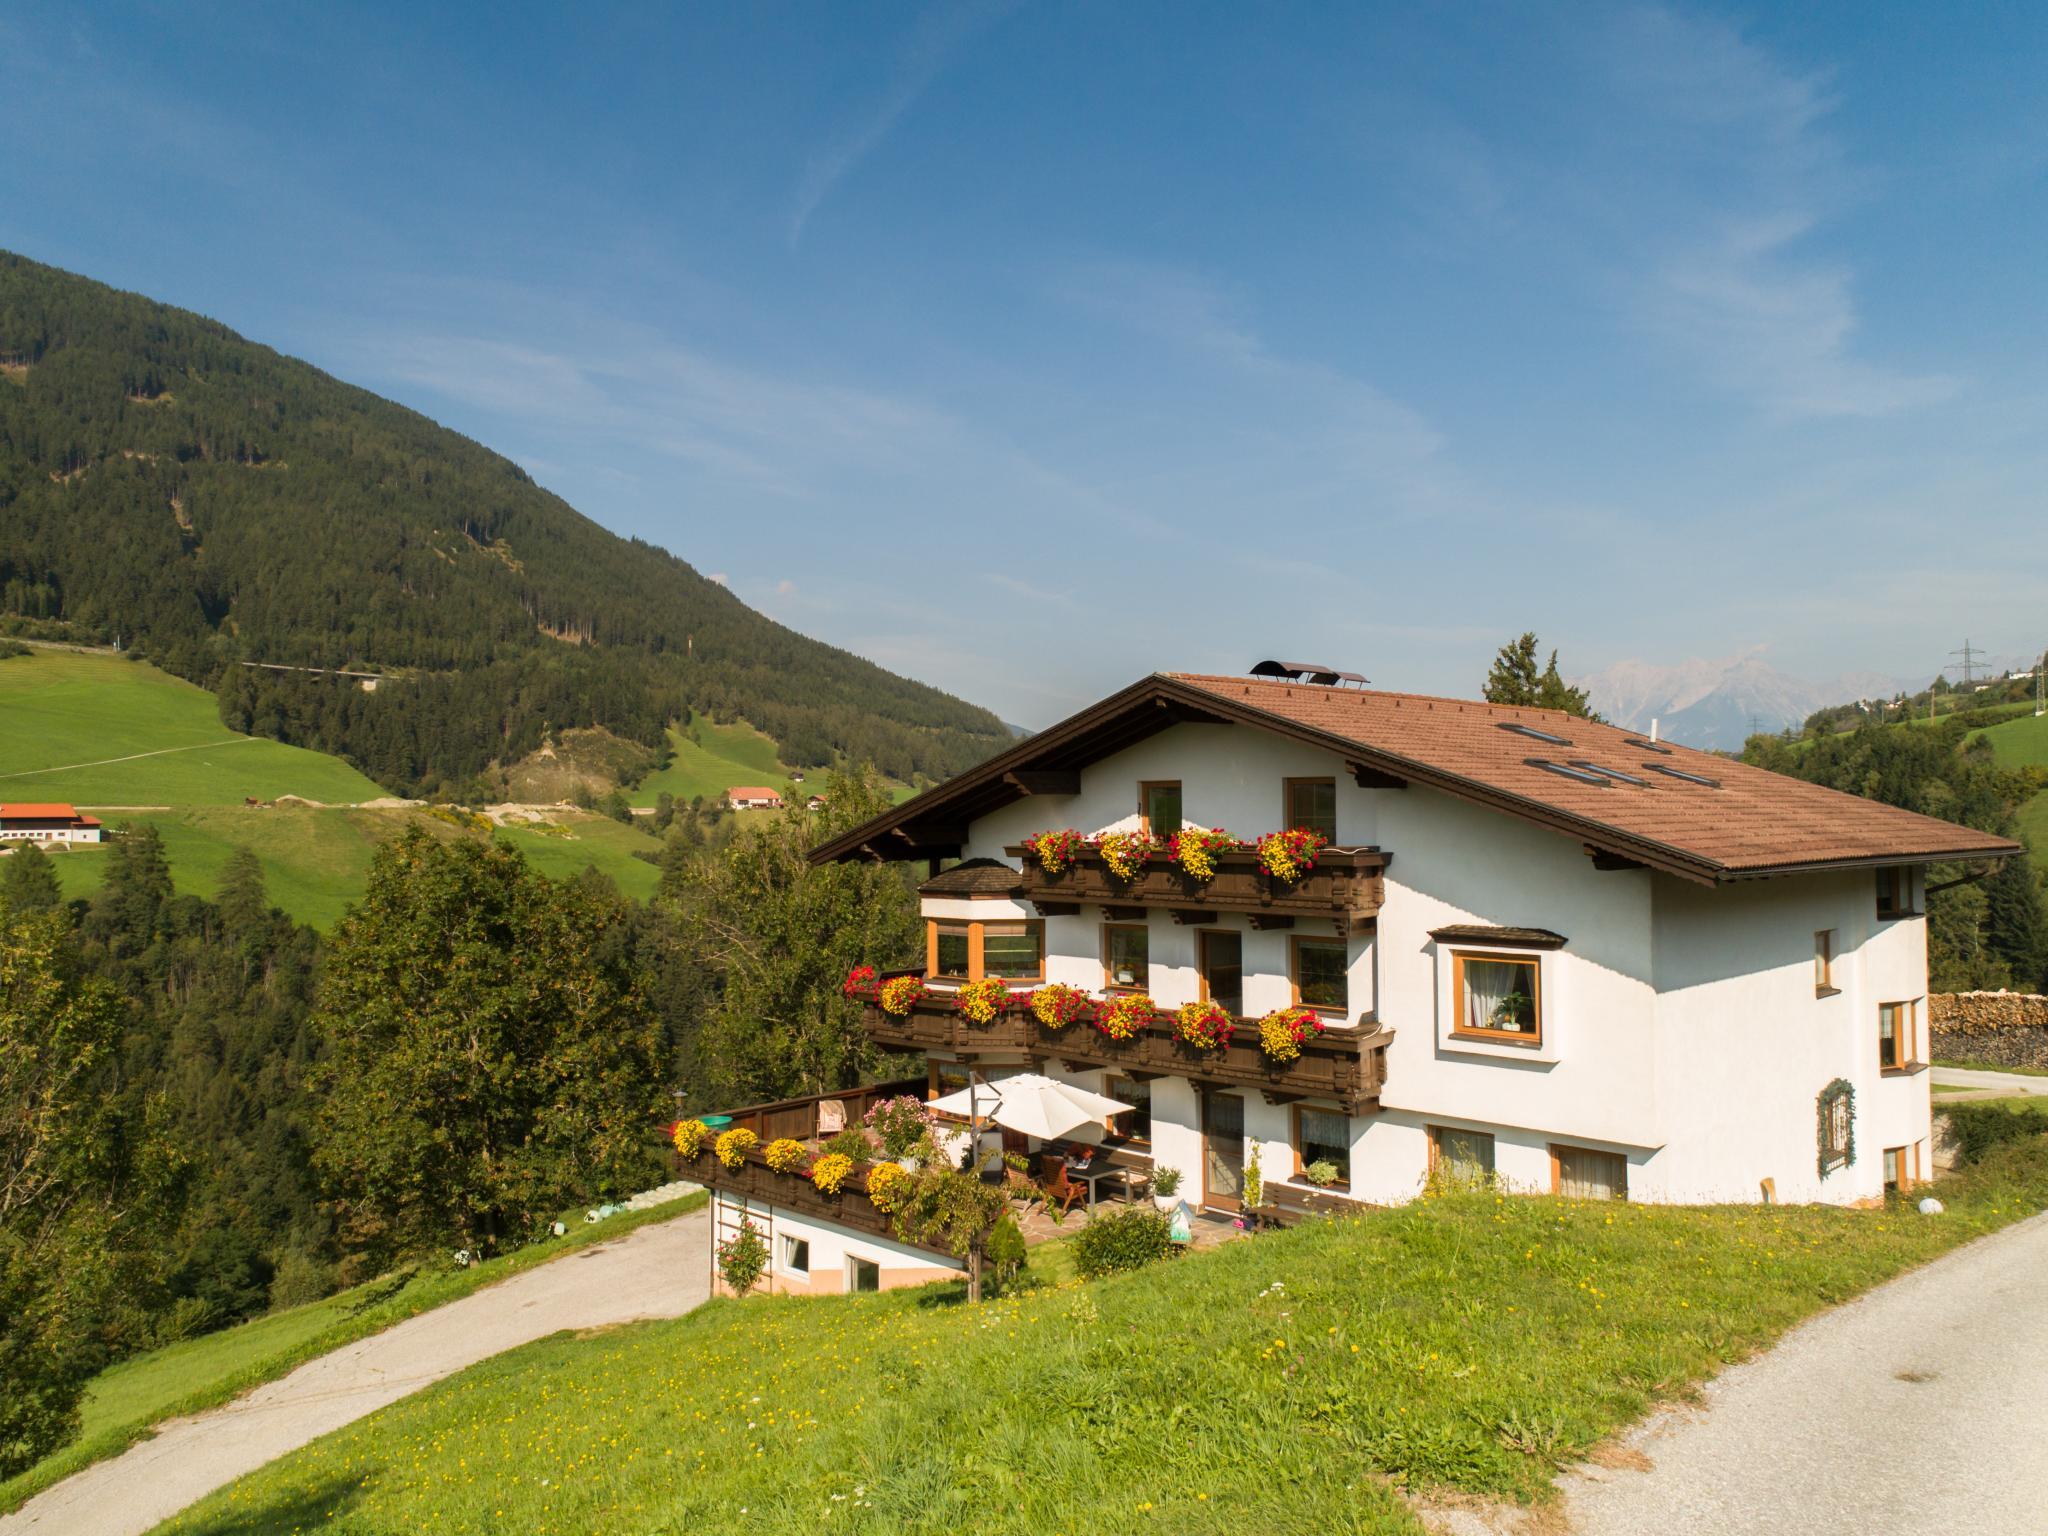 Ferienwohnung Kienast Tirol